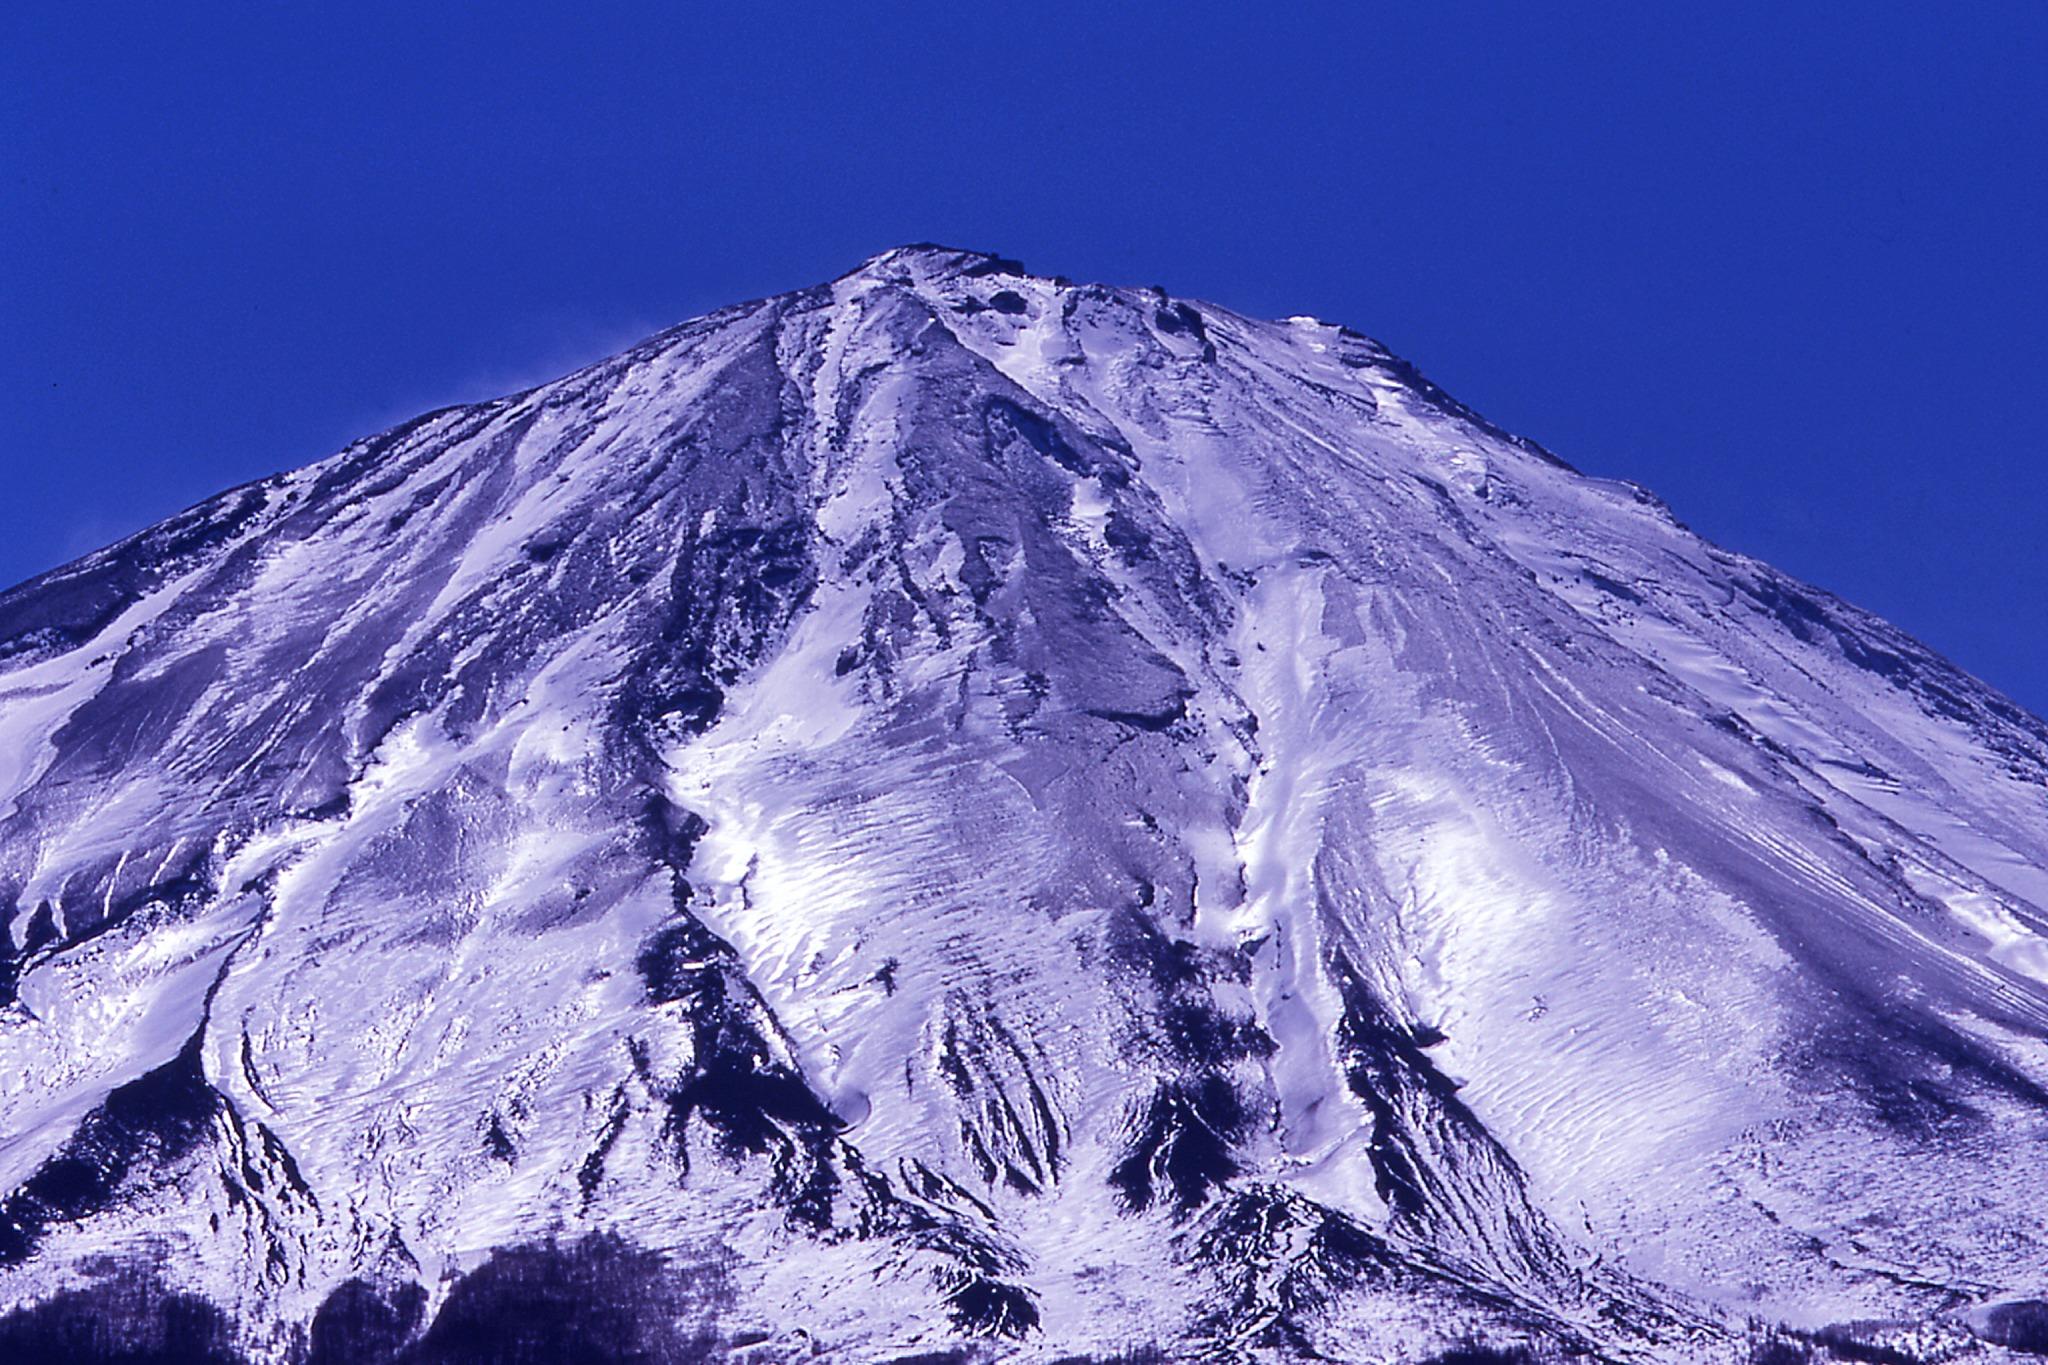 ふじてんスノーリゾート駐車場から富士山を